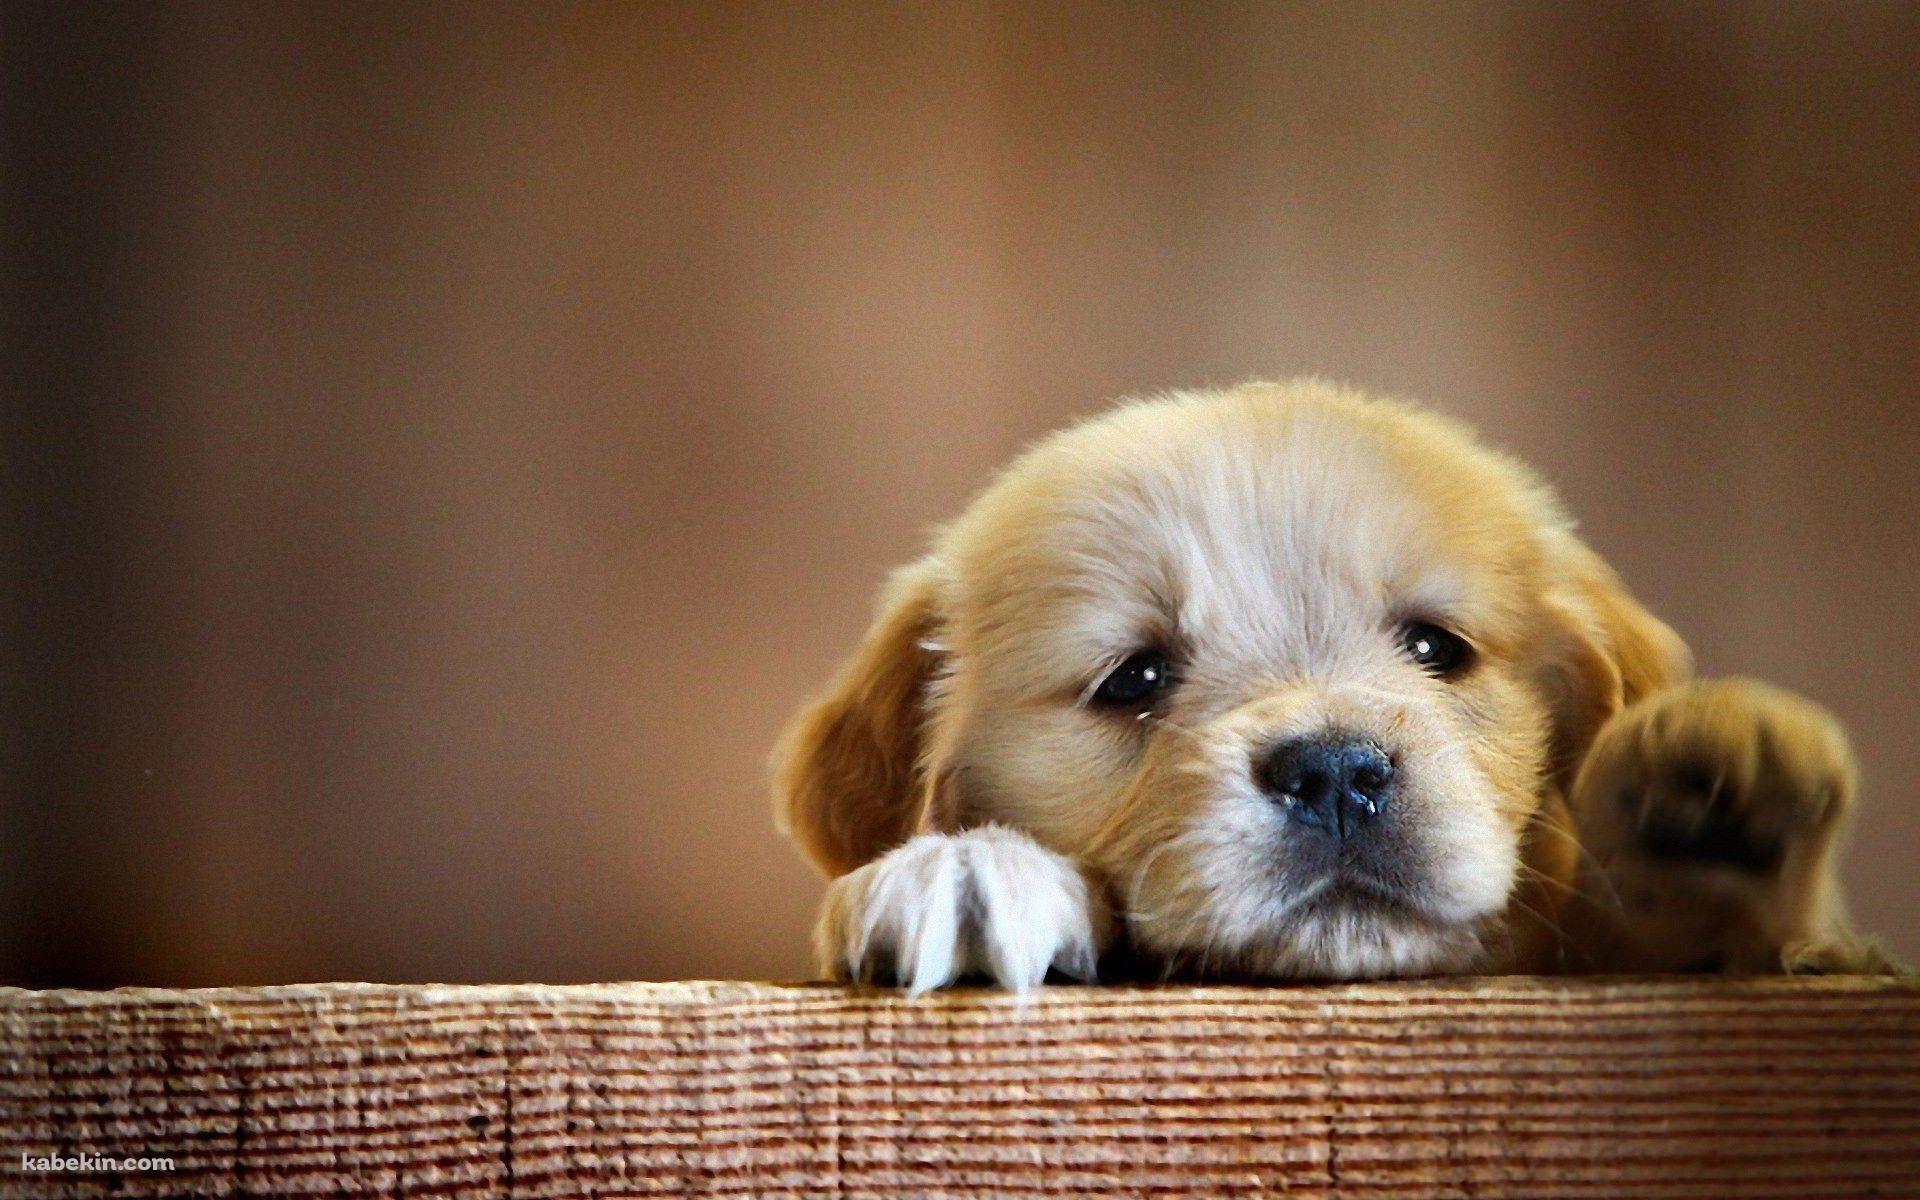 壁にもたれる茶色い子犬 1920 X 1200 の壁紙 壁紙キングダム Pc デスクトップ版 かわいい動物の赤ちゃん 可愛いワンちゃん 犬の写真